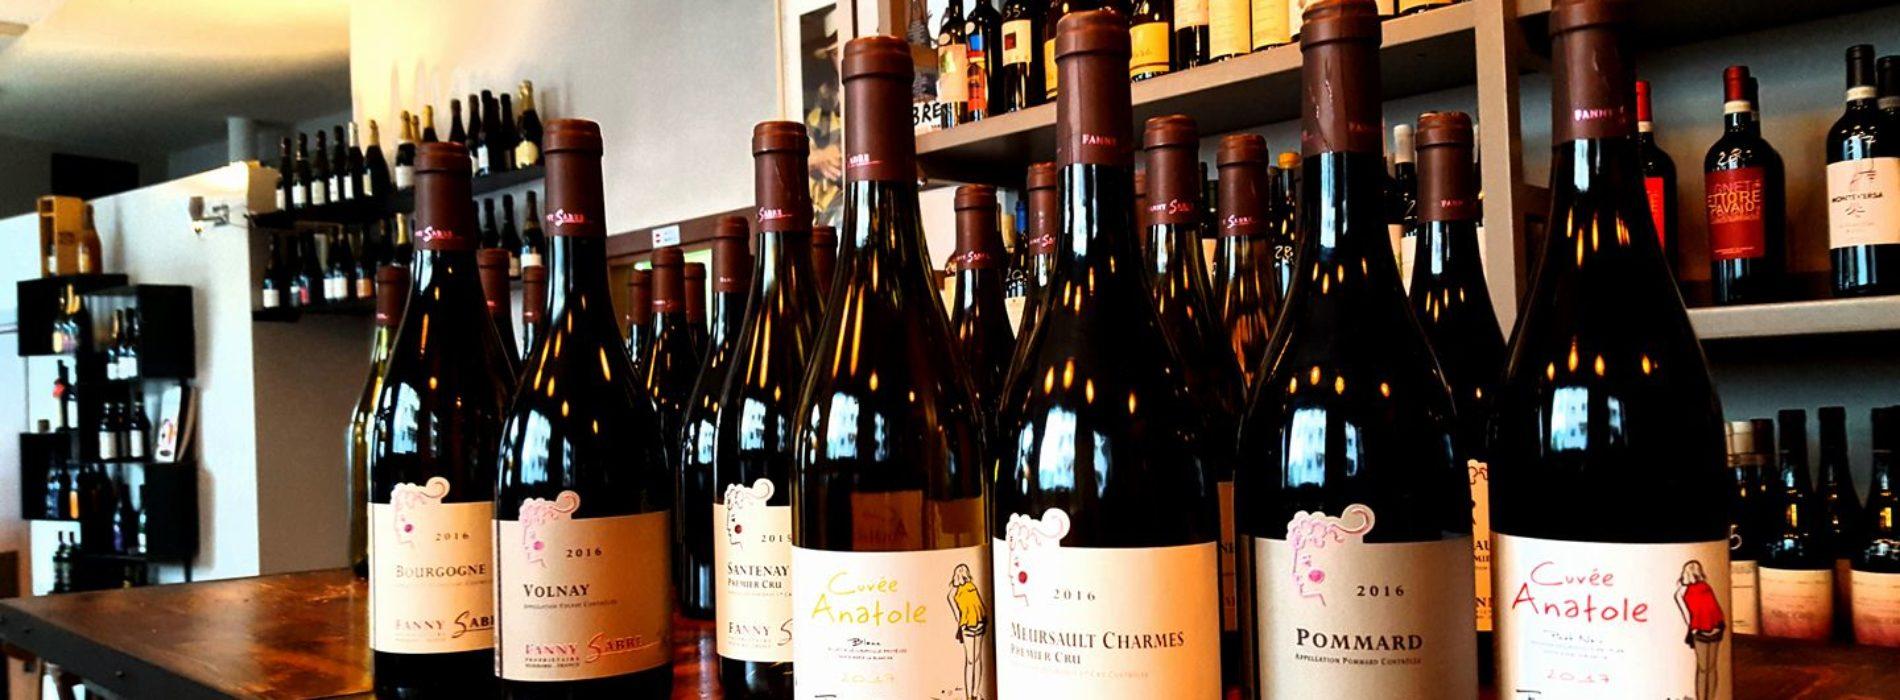 Vino a domicilio a Roma, le migliori enoteche e wine bar che consegnano a casa